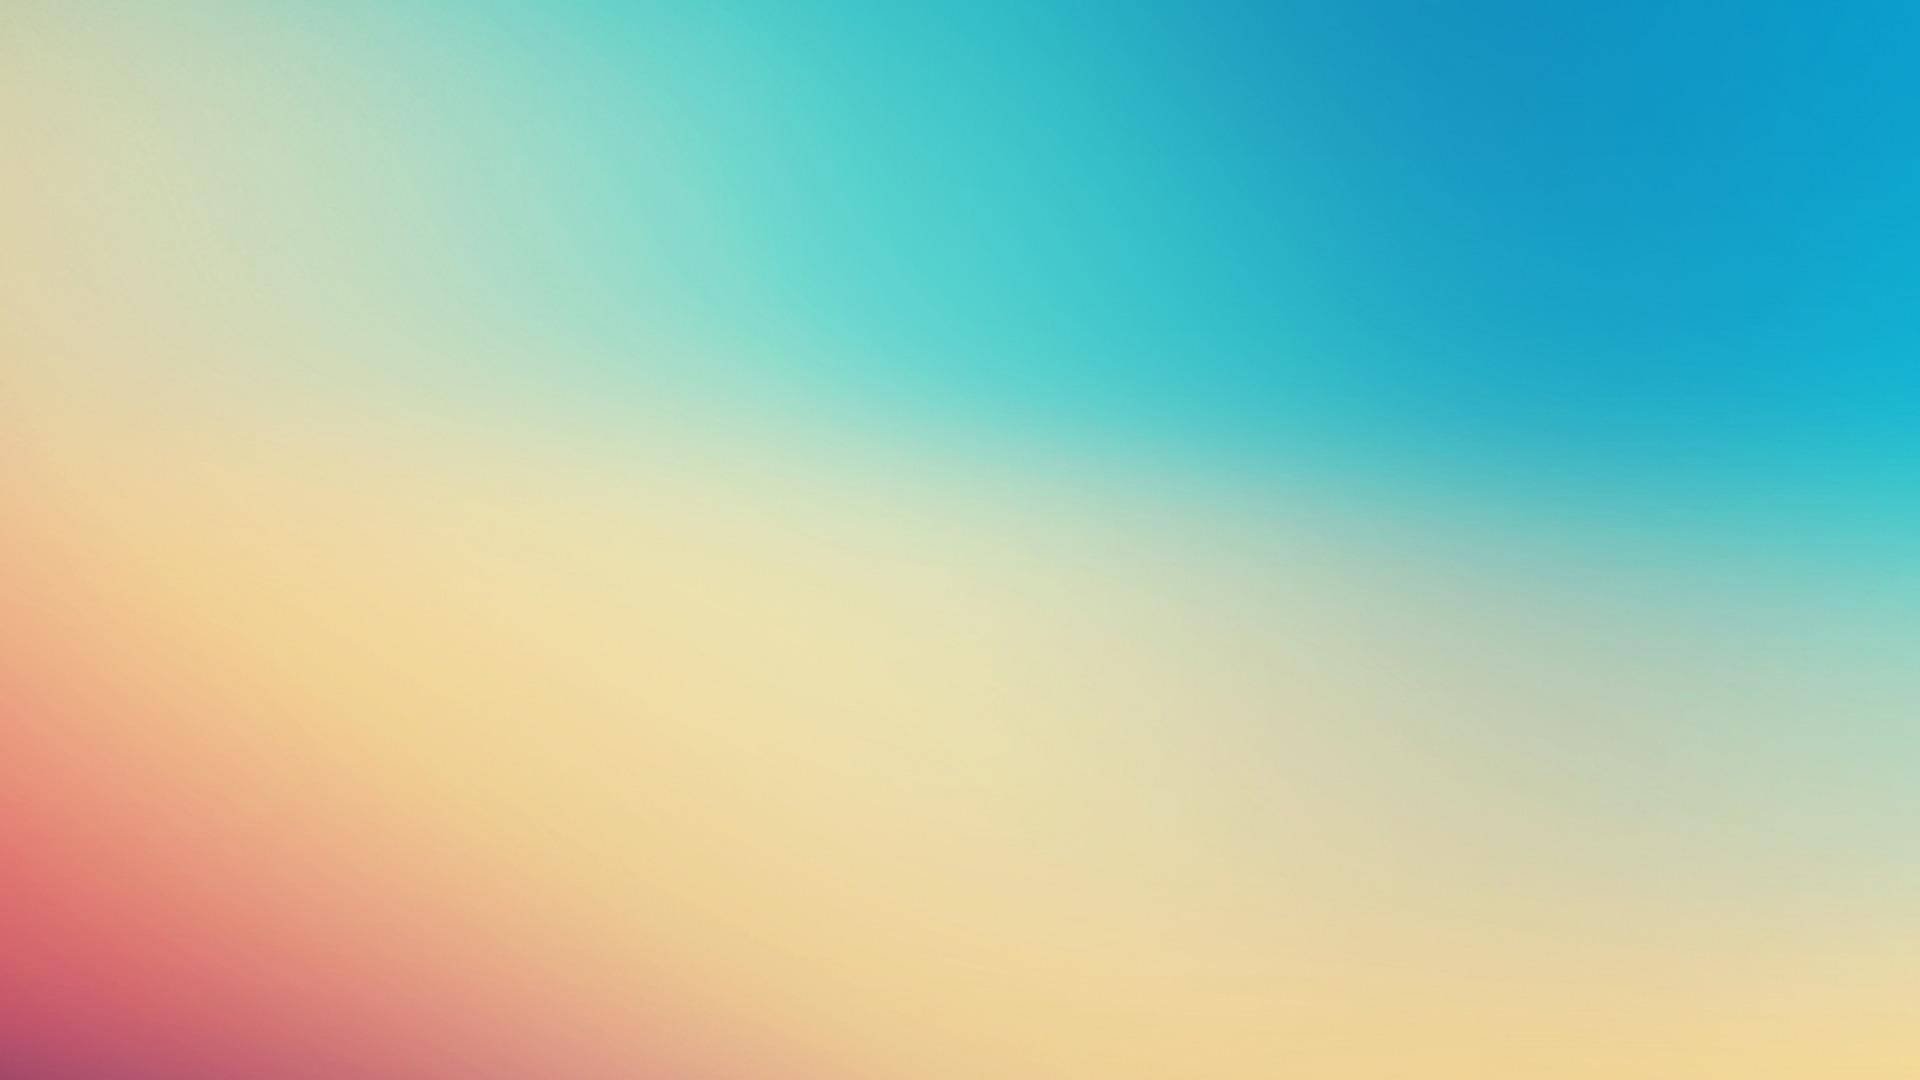 spot light brightdesign hd wallpaper1920x1080 download